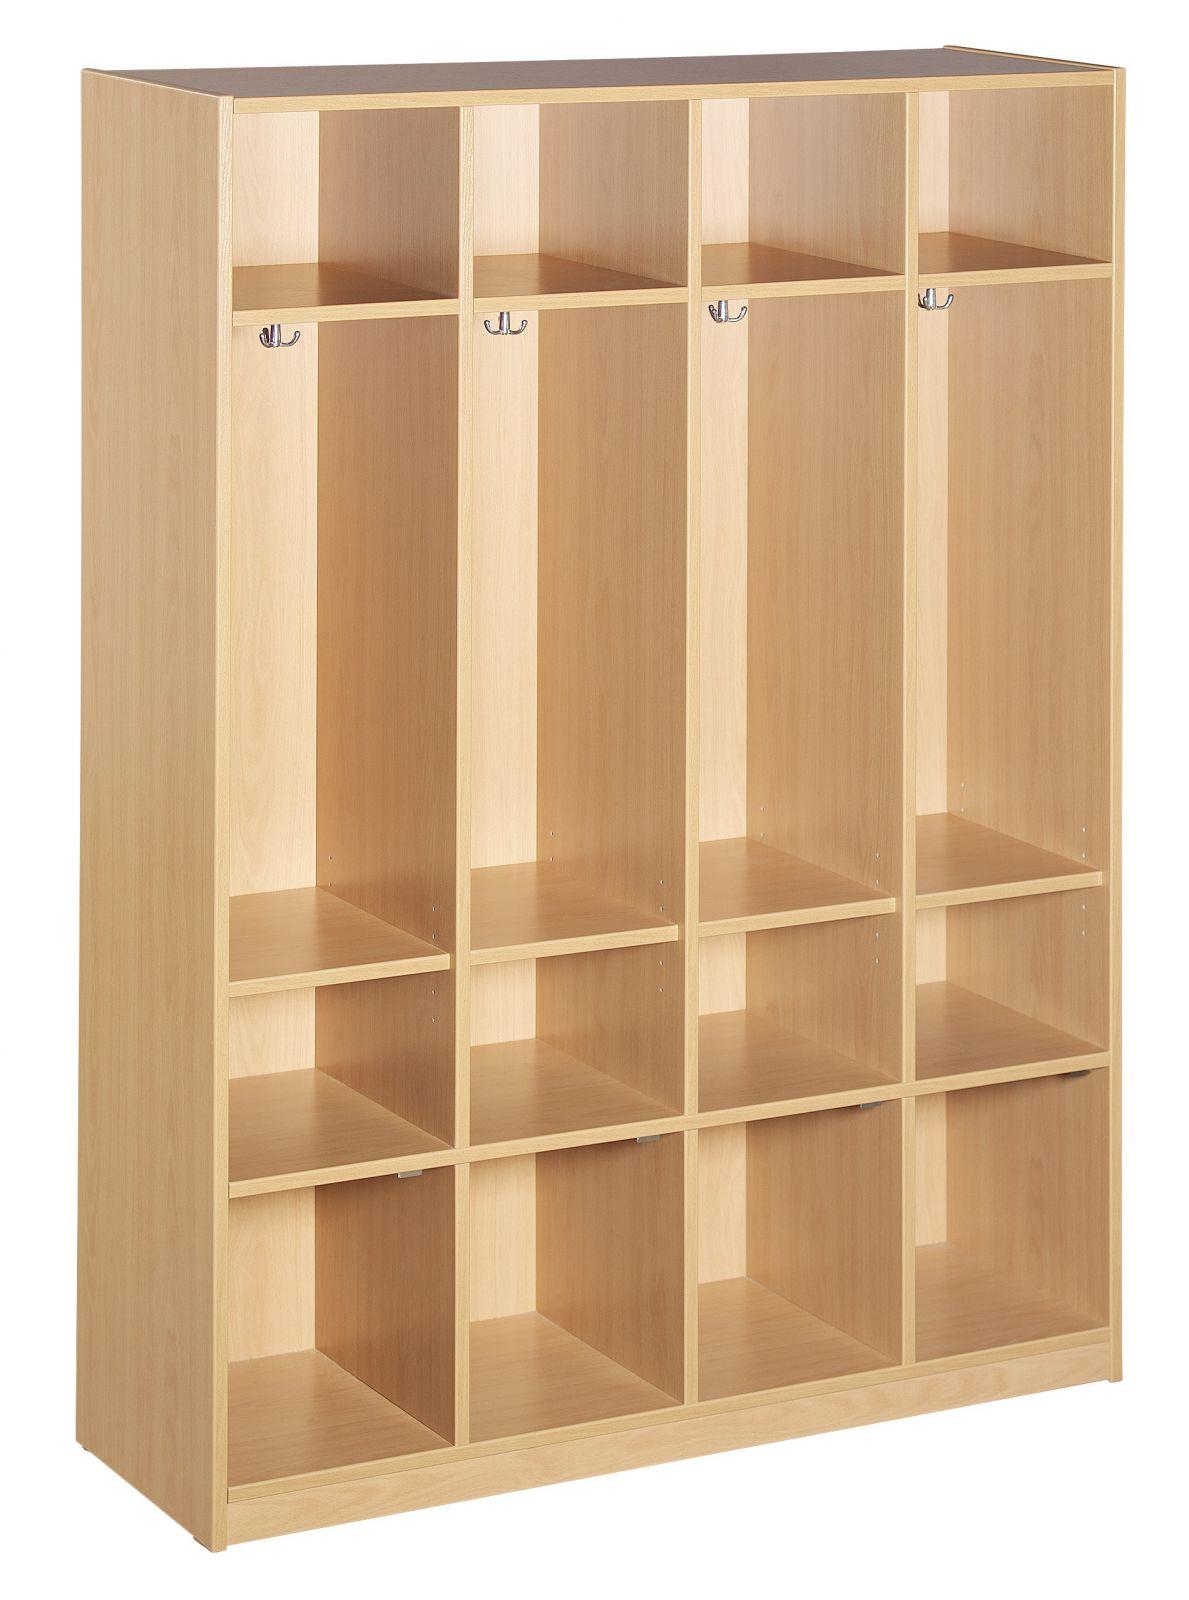 Garderobenschrank ohne Türen, 4 Plätze